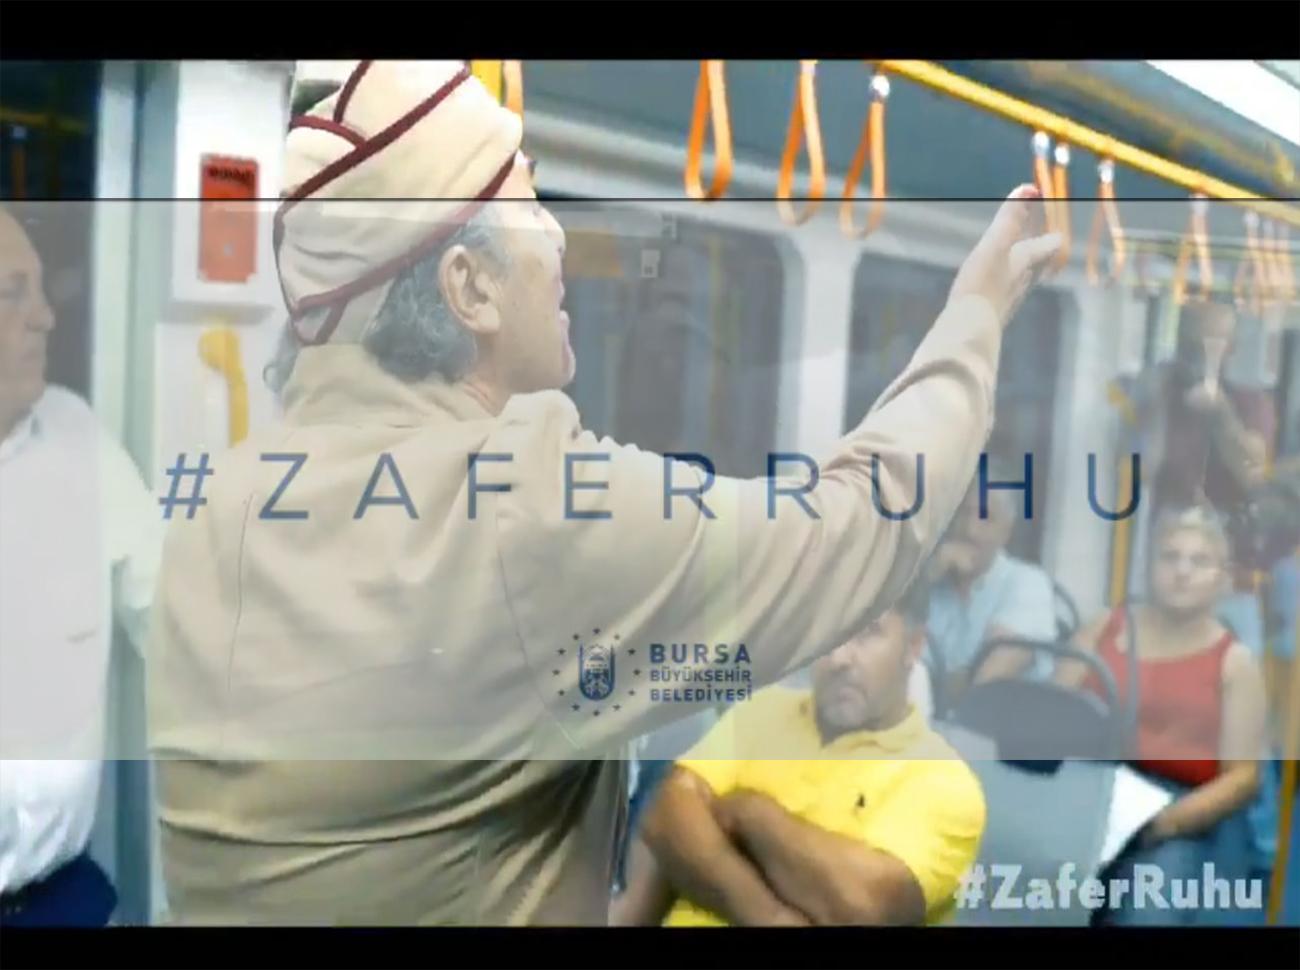 Bursa Büyükşehir Belediyesi 30 Ağustos Zafer Bayramı Videosu Hazırladı